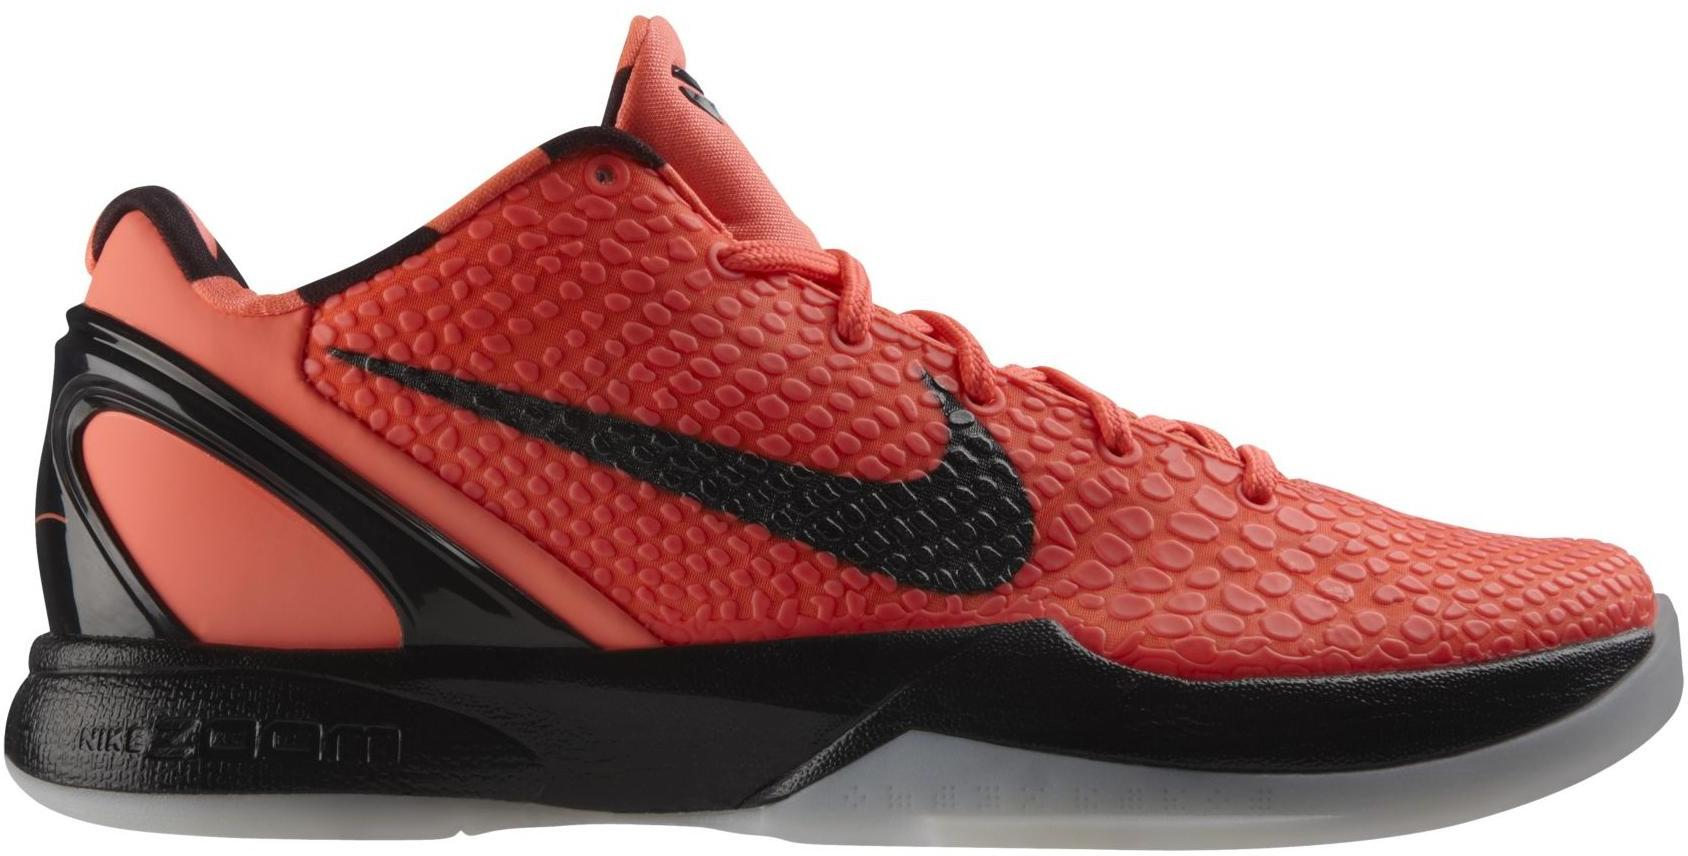 Nike Kobe 6 FC Barcelona Mango - 429659-800